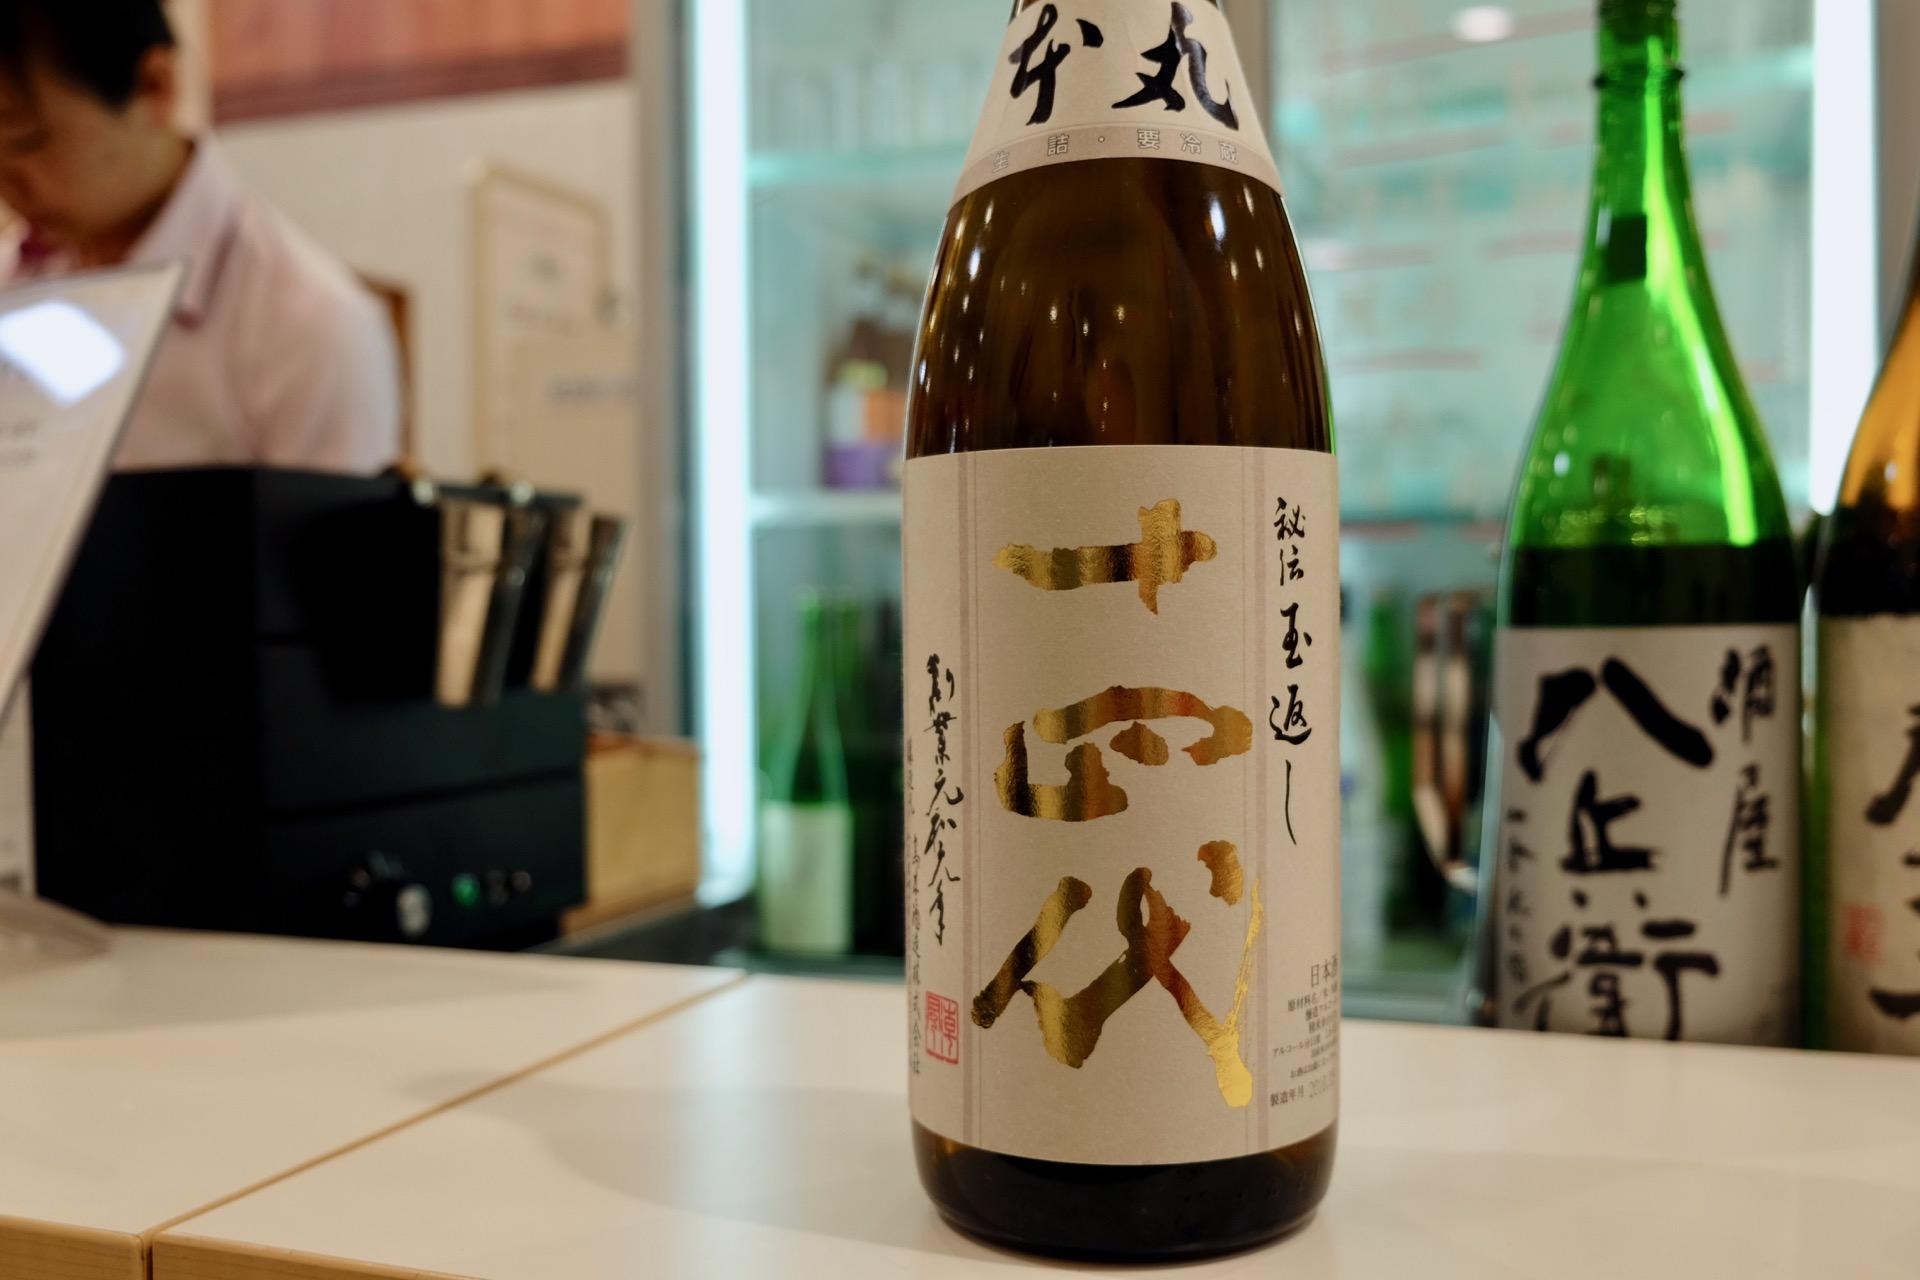 十四代 本丸 秘伝玉返し|日本酒テイスティングノート